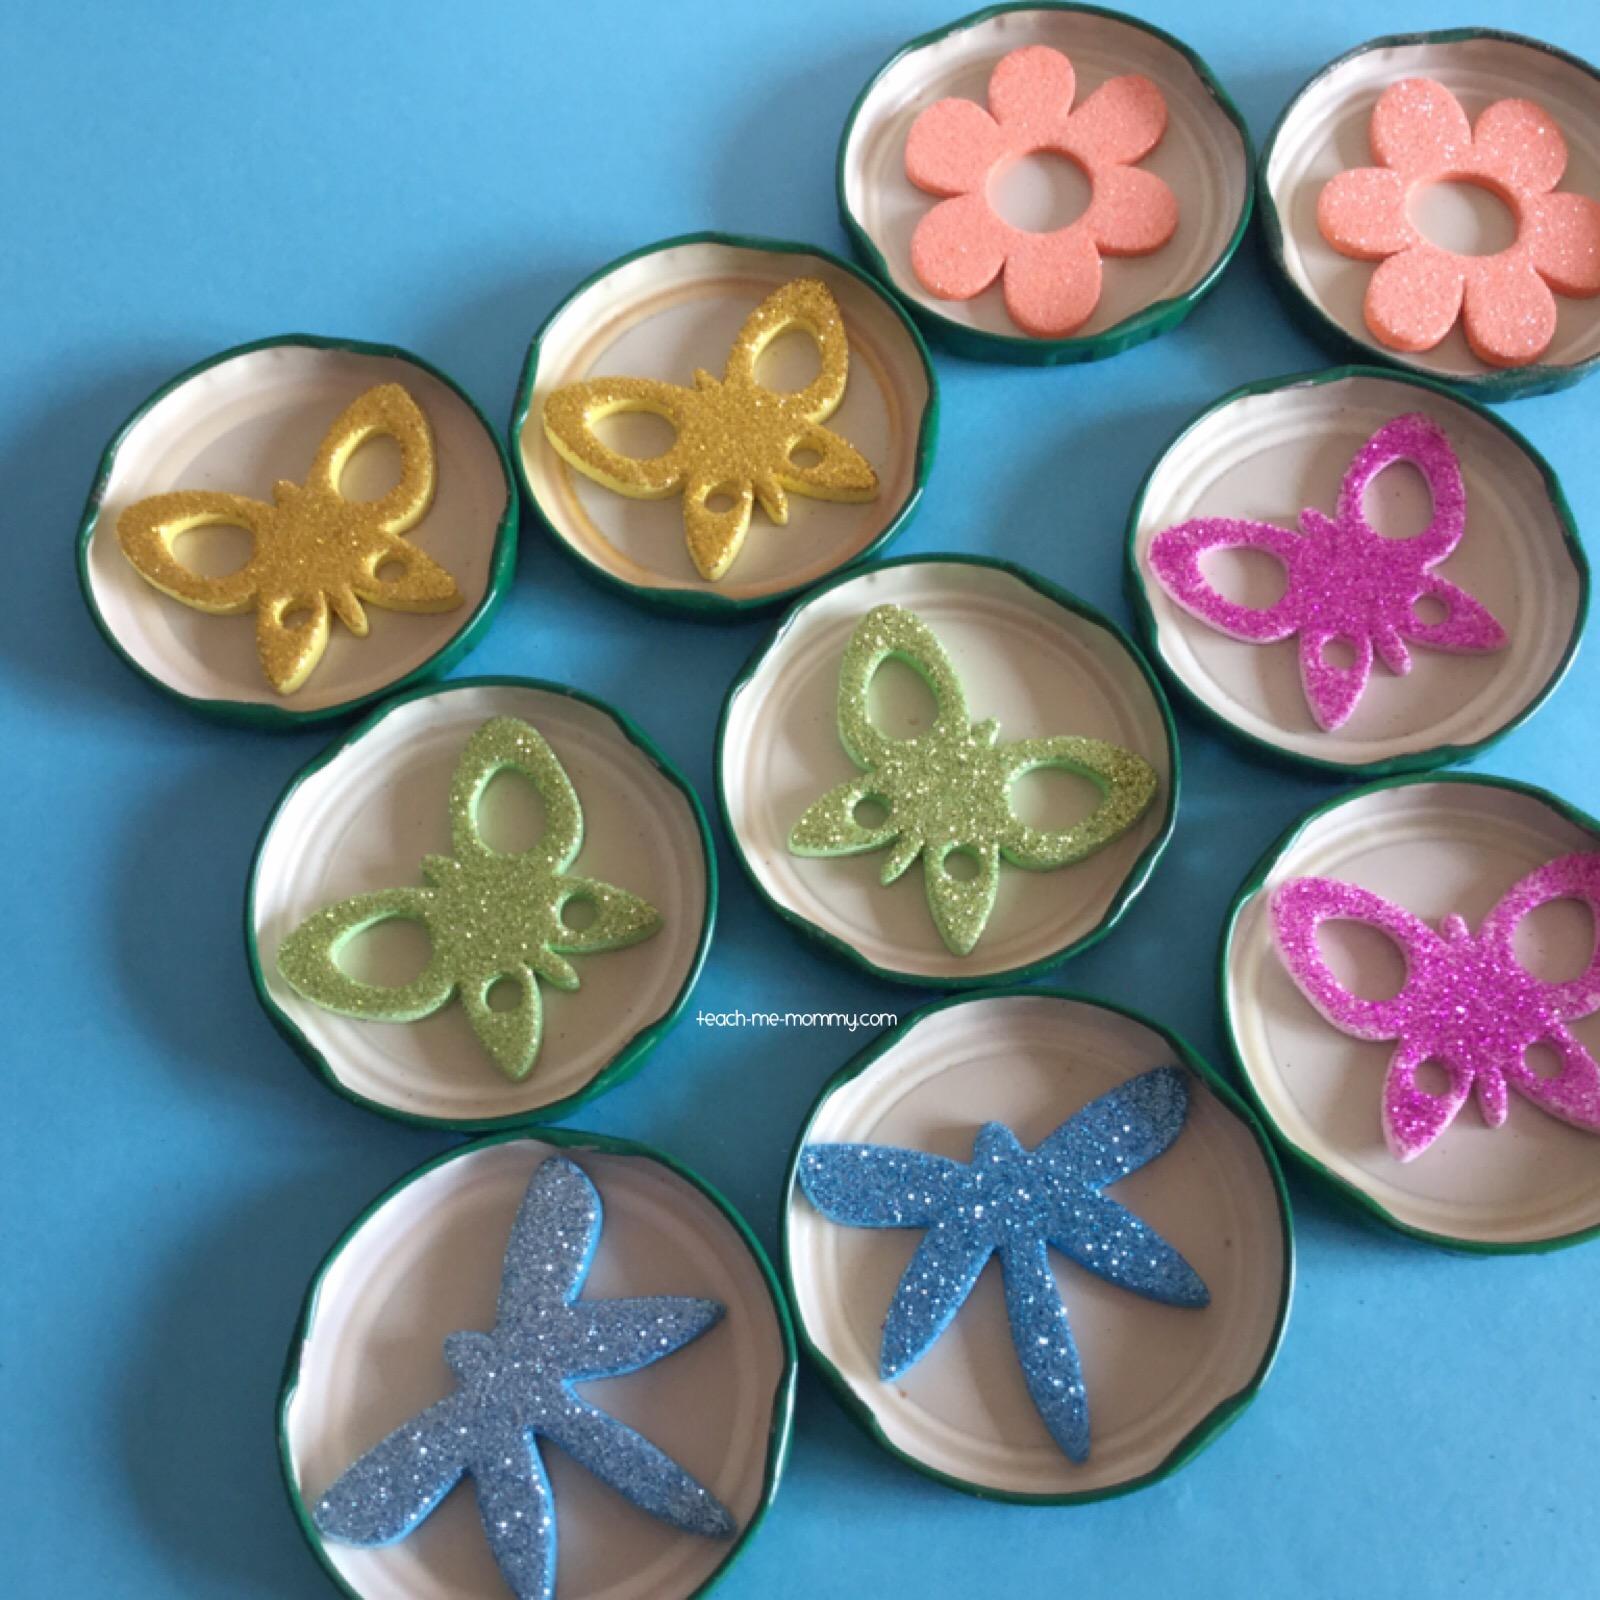 sticker pairs